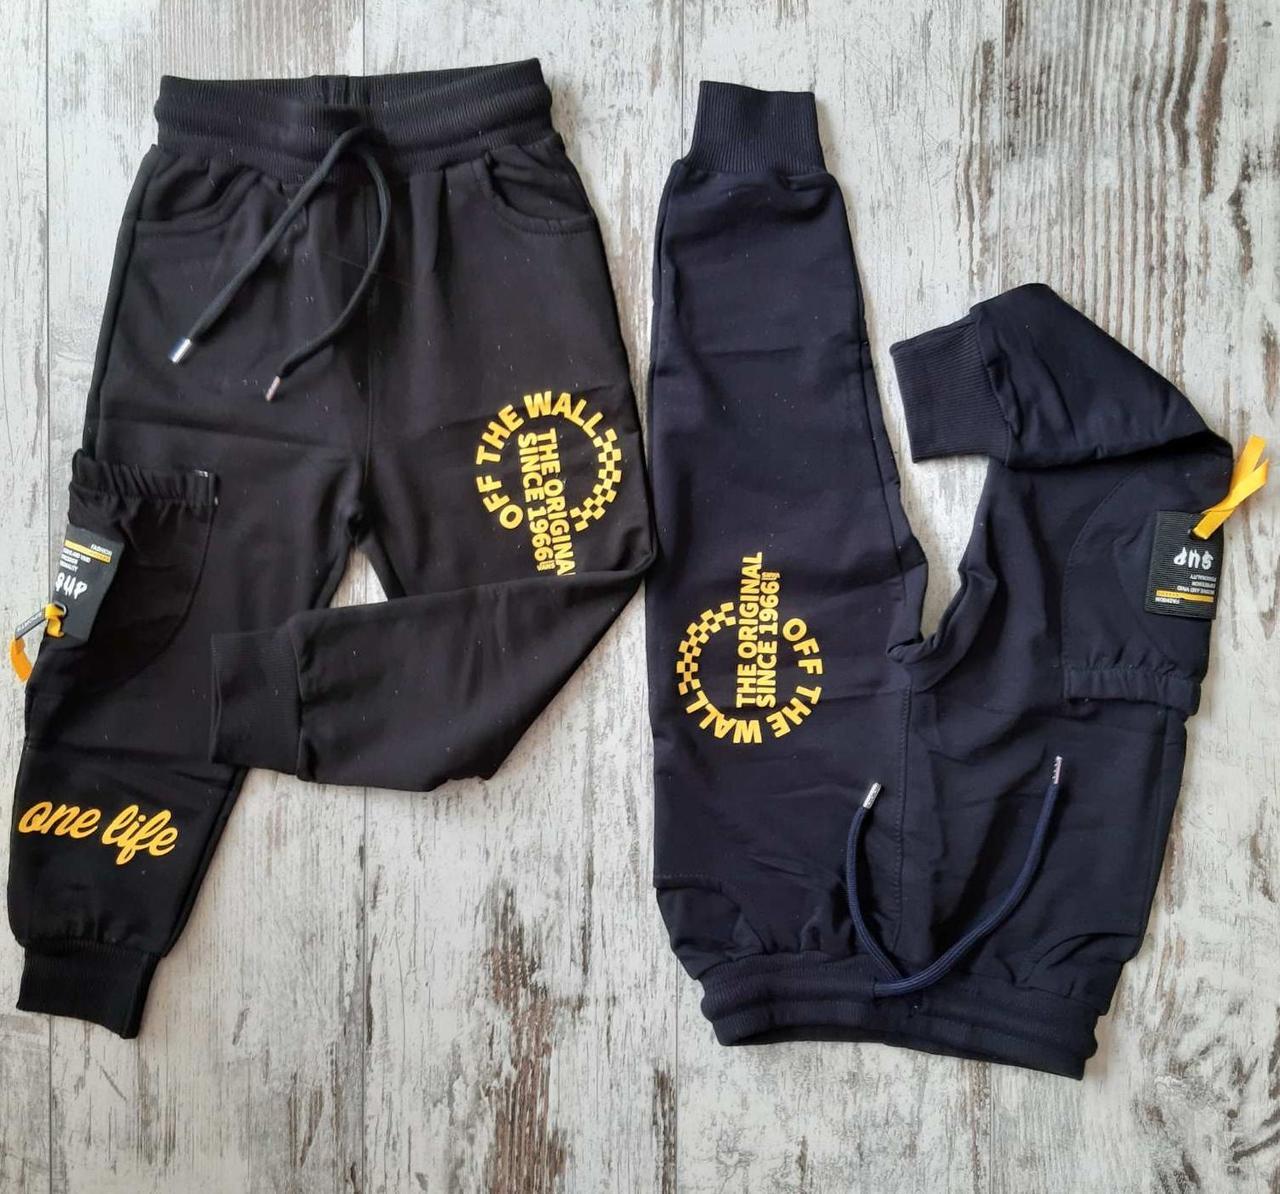 Дитячі спортивні штани 9-12 років для хлопчиків оптом Туреччина